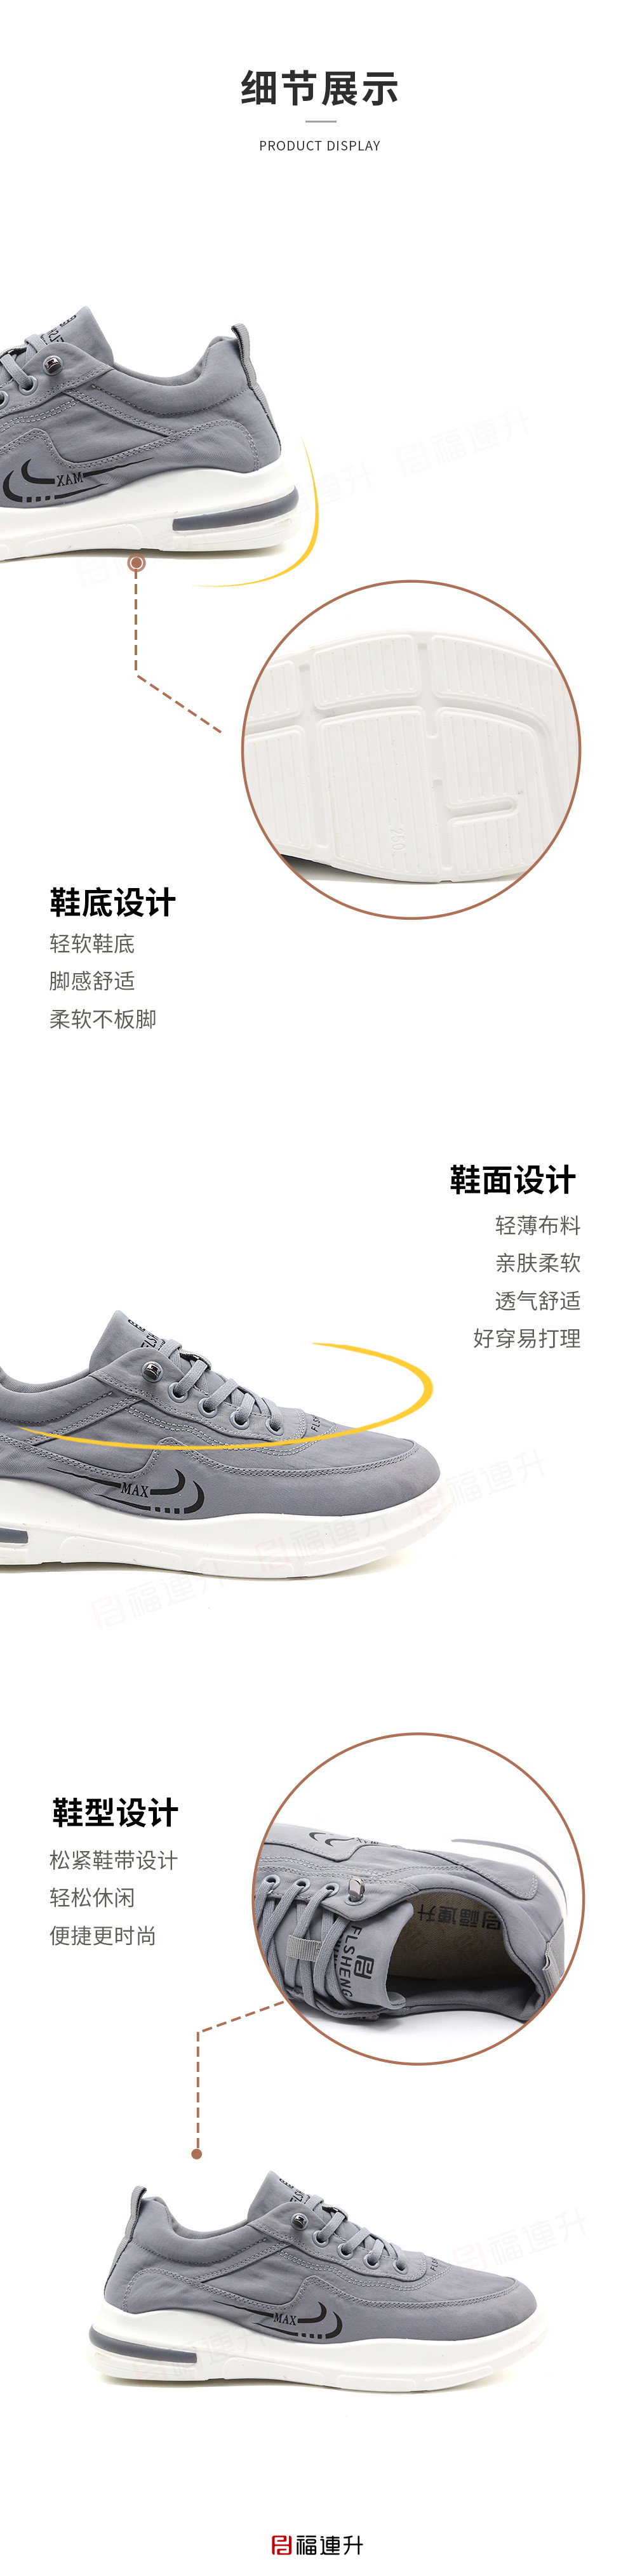 福连升休闲鞋男鞋轻便舒适软底棉麻透气布鞋FJA-94163025图片